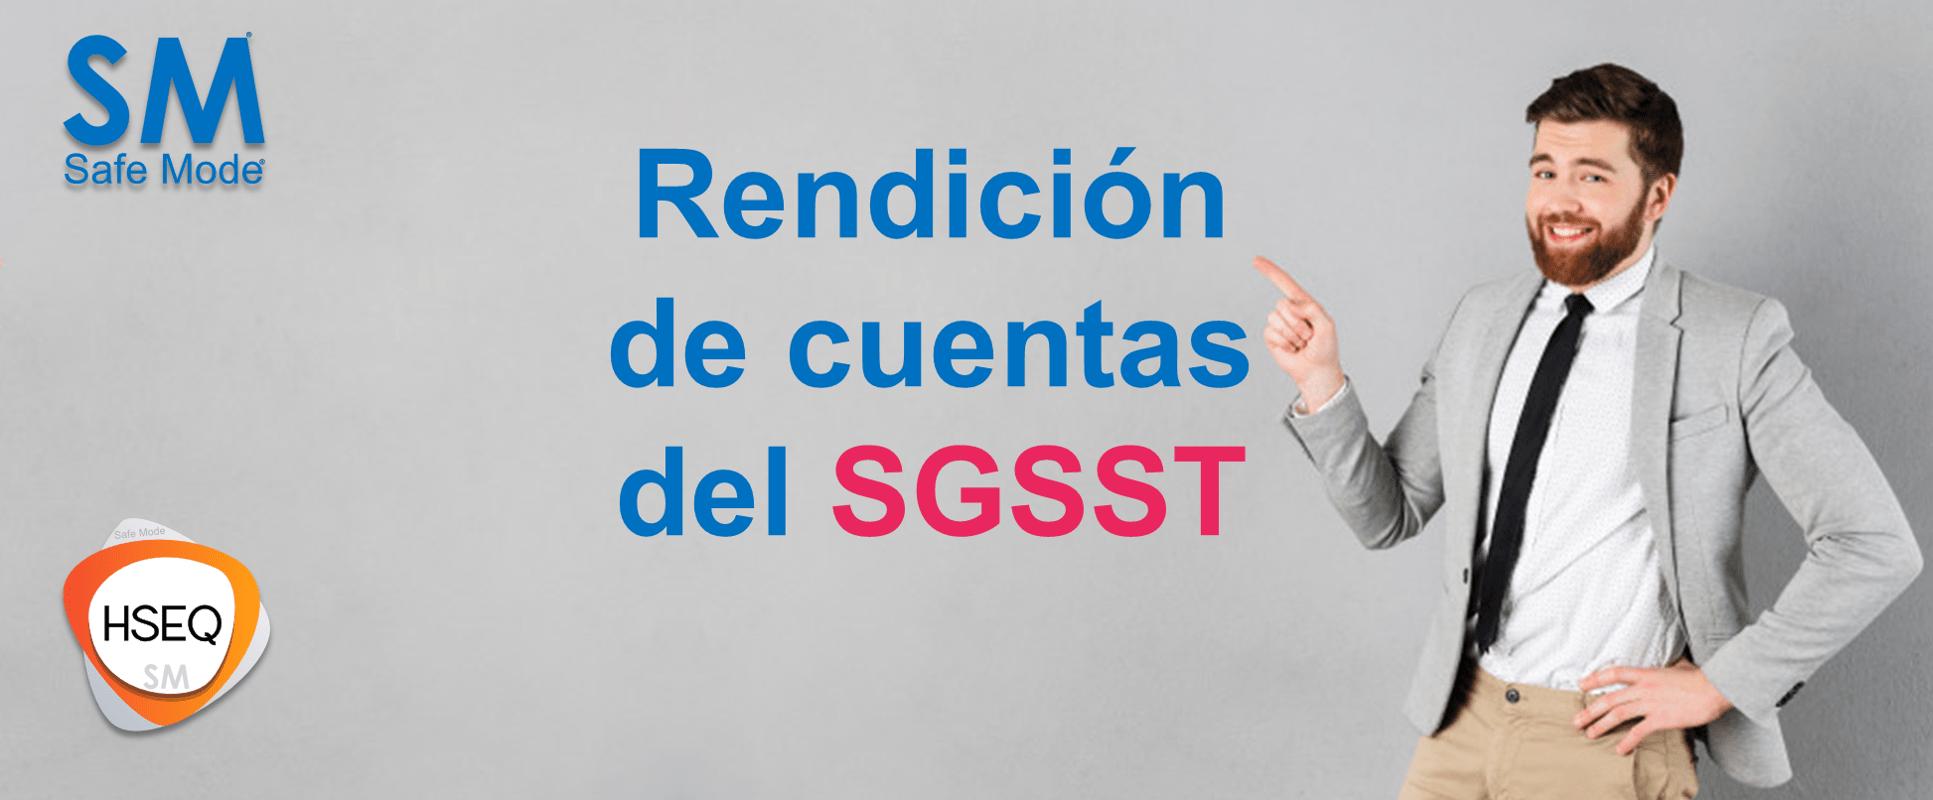 Rendicion de cuentas del SGSST - Lo que debes saber